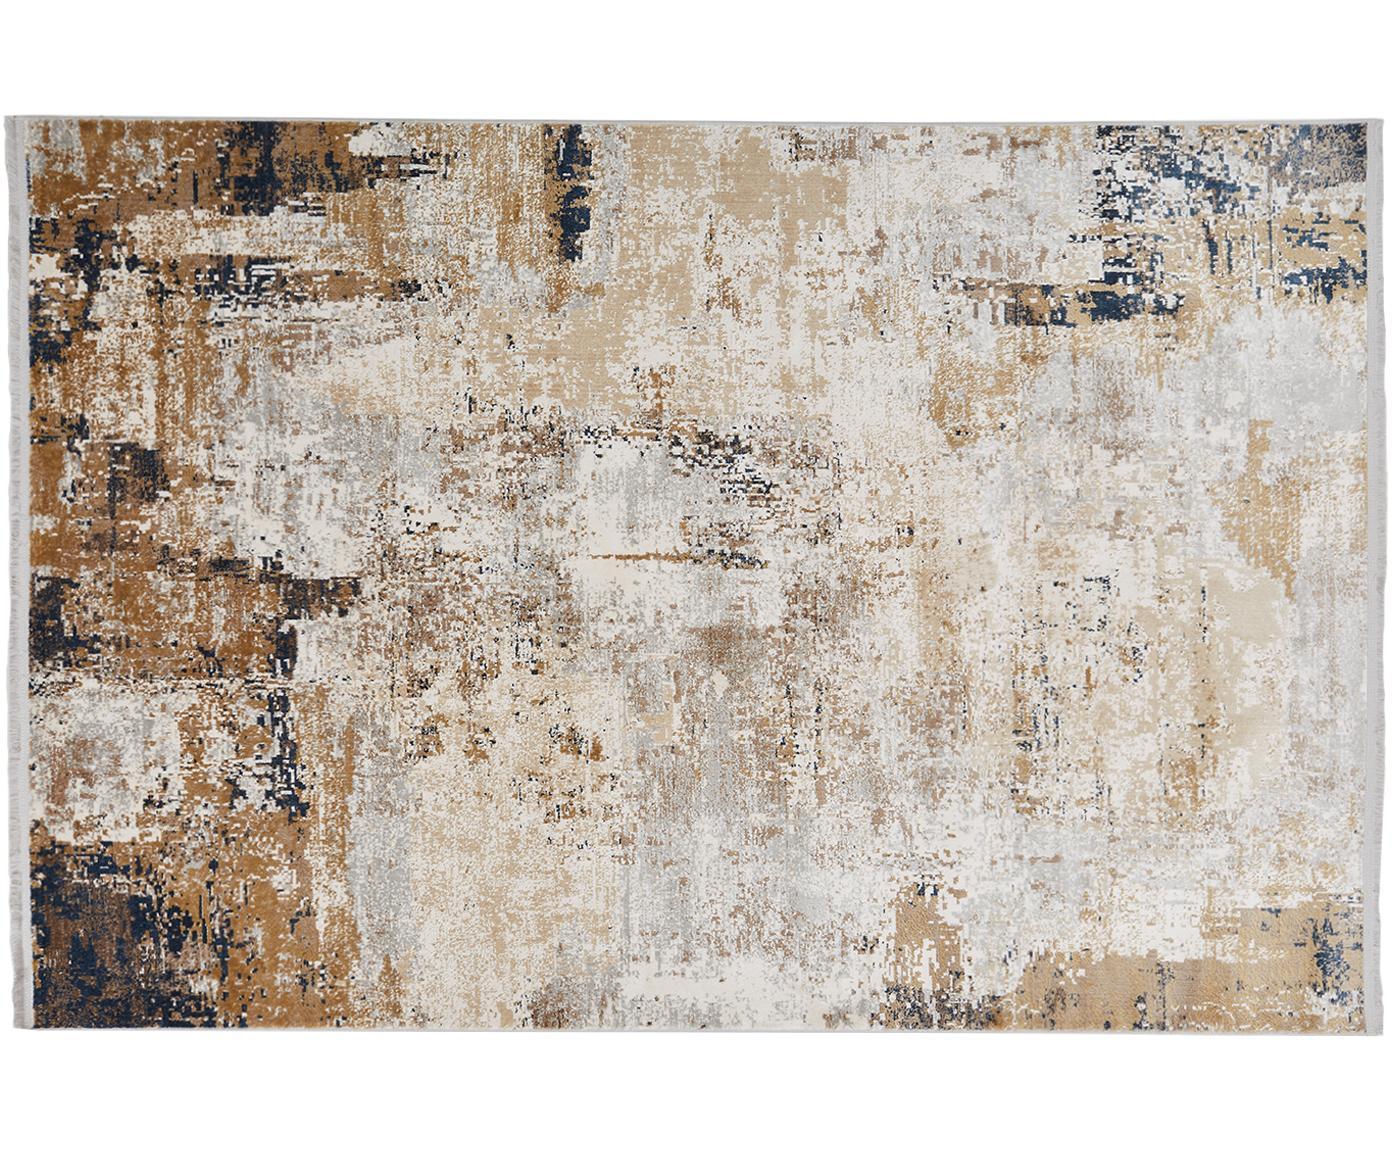 Vloerkleed Verona, Bovenzijde: viscose, acryl, Crèmekleurig, beige, grijs, bruin, donkerblauw, B 80 x L 150 cm (maat XS)